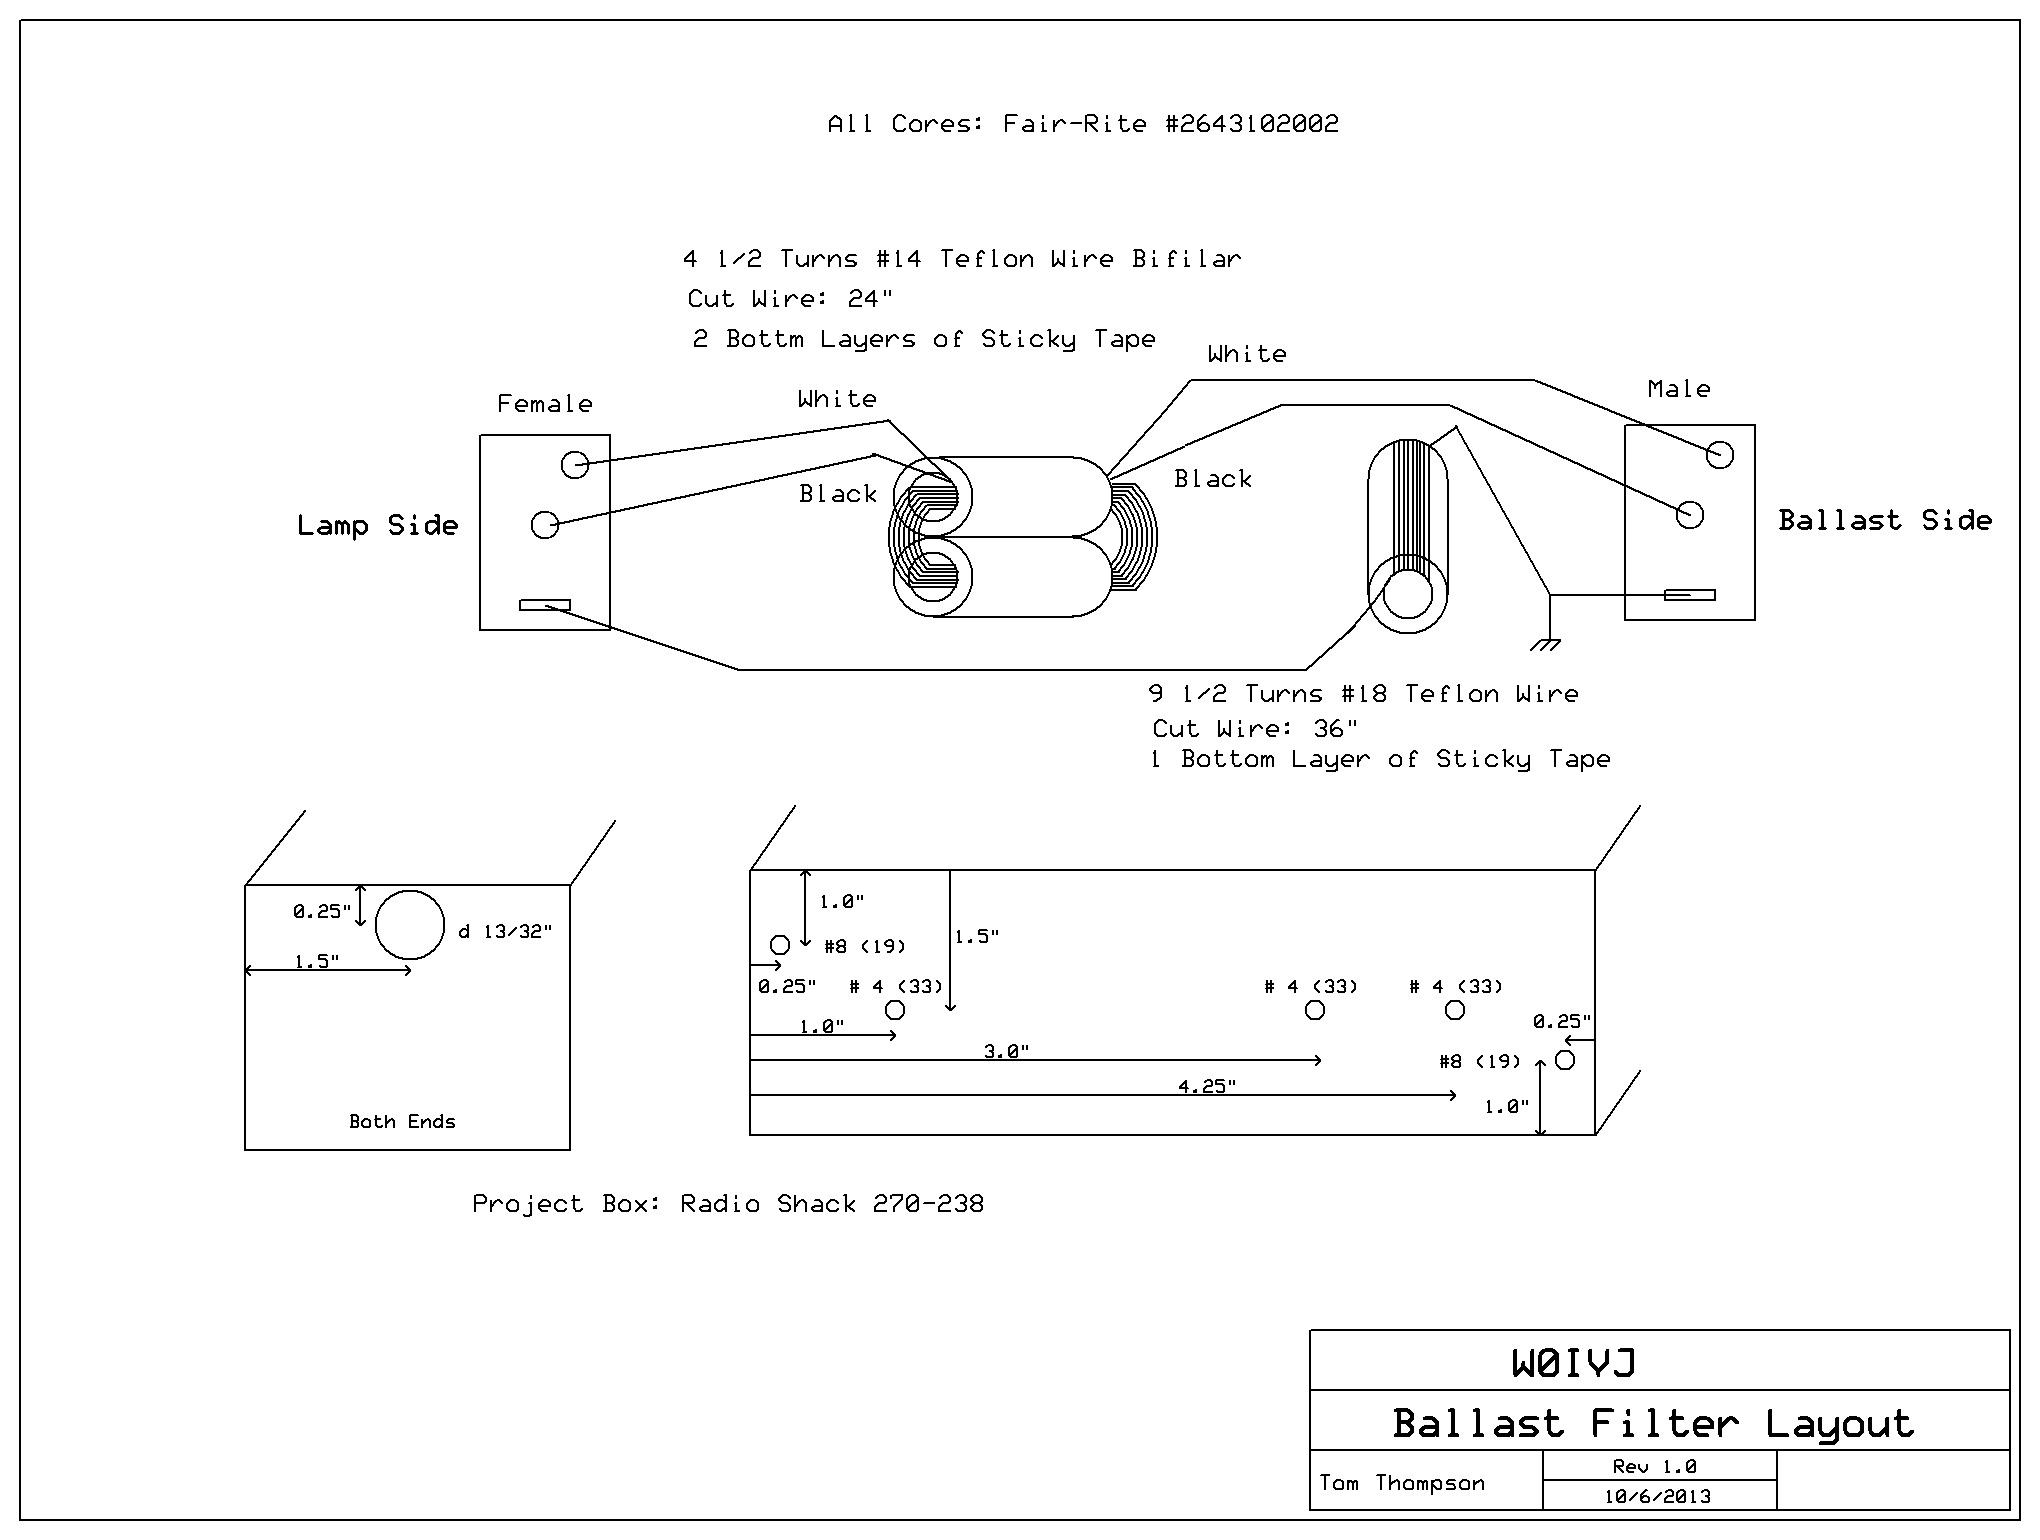 Wiring Metal Halide Ballast Diagram 35 Images 100w Hps Kit Sodium Shrutiradio Filter Layoutresize6652c502